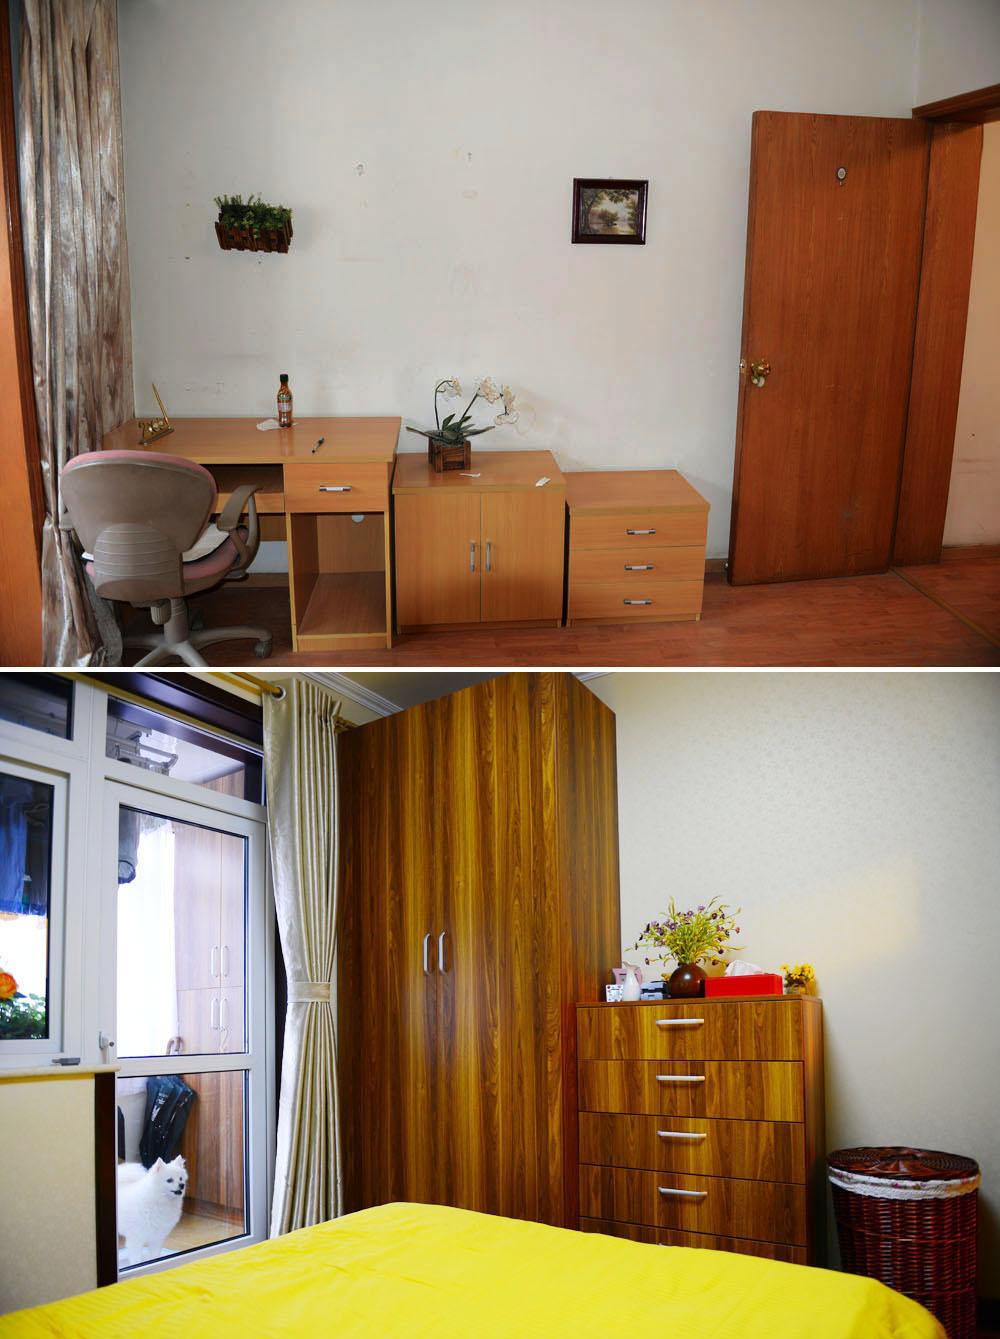 简约 二居 旧房改造 收纳 80后 今朝装饰 卧室图片来自北京老房装修-今朝装饰王丽在老房翻新前后对比的分享